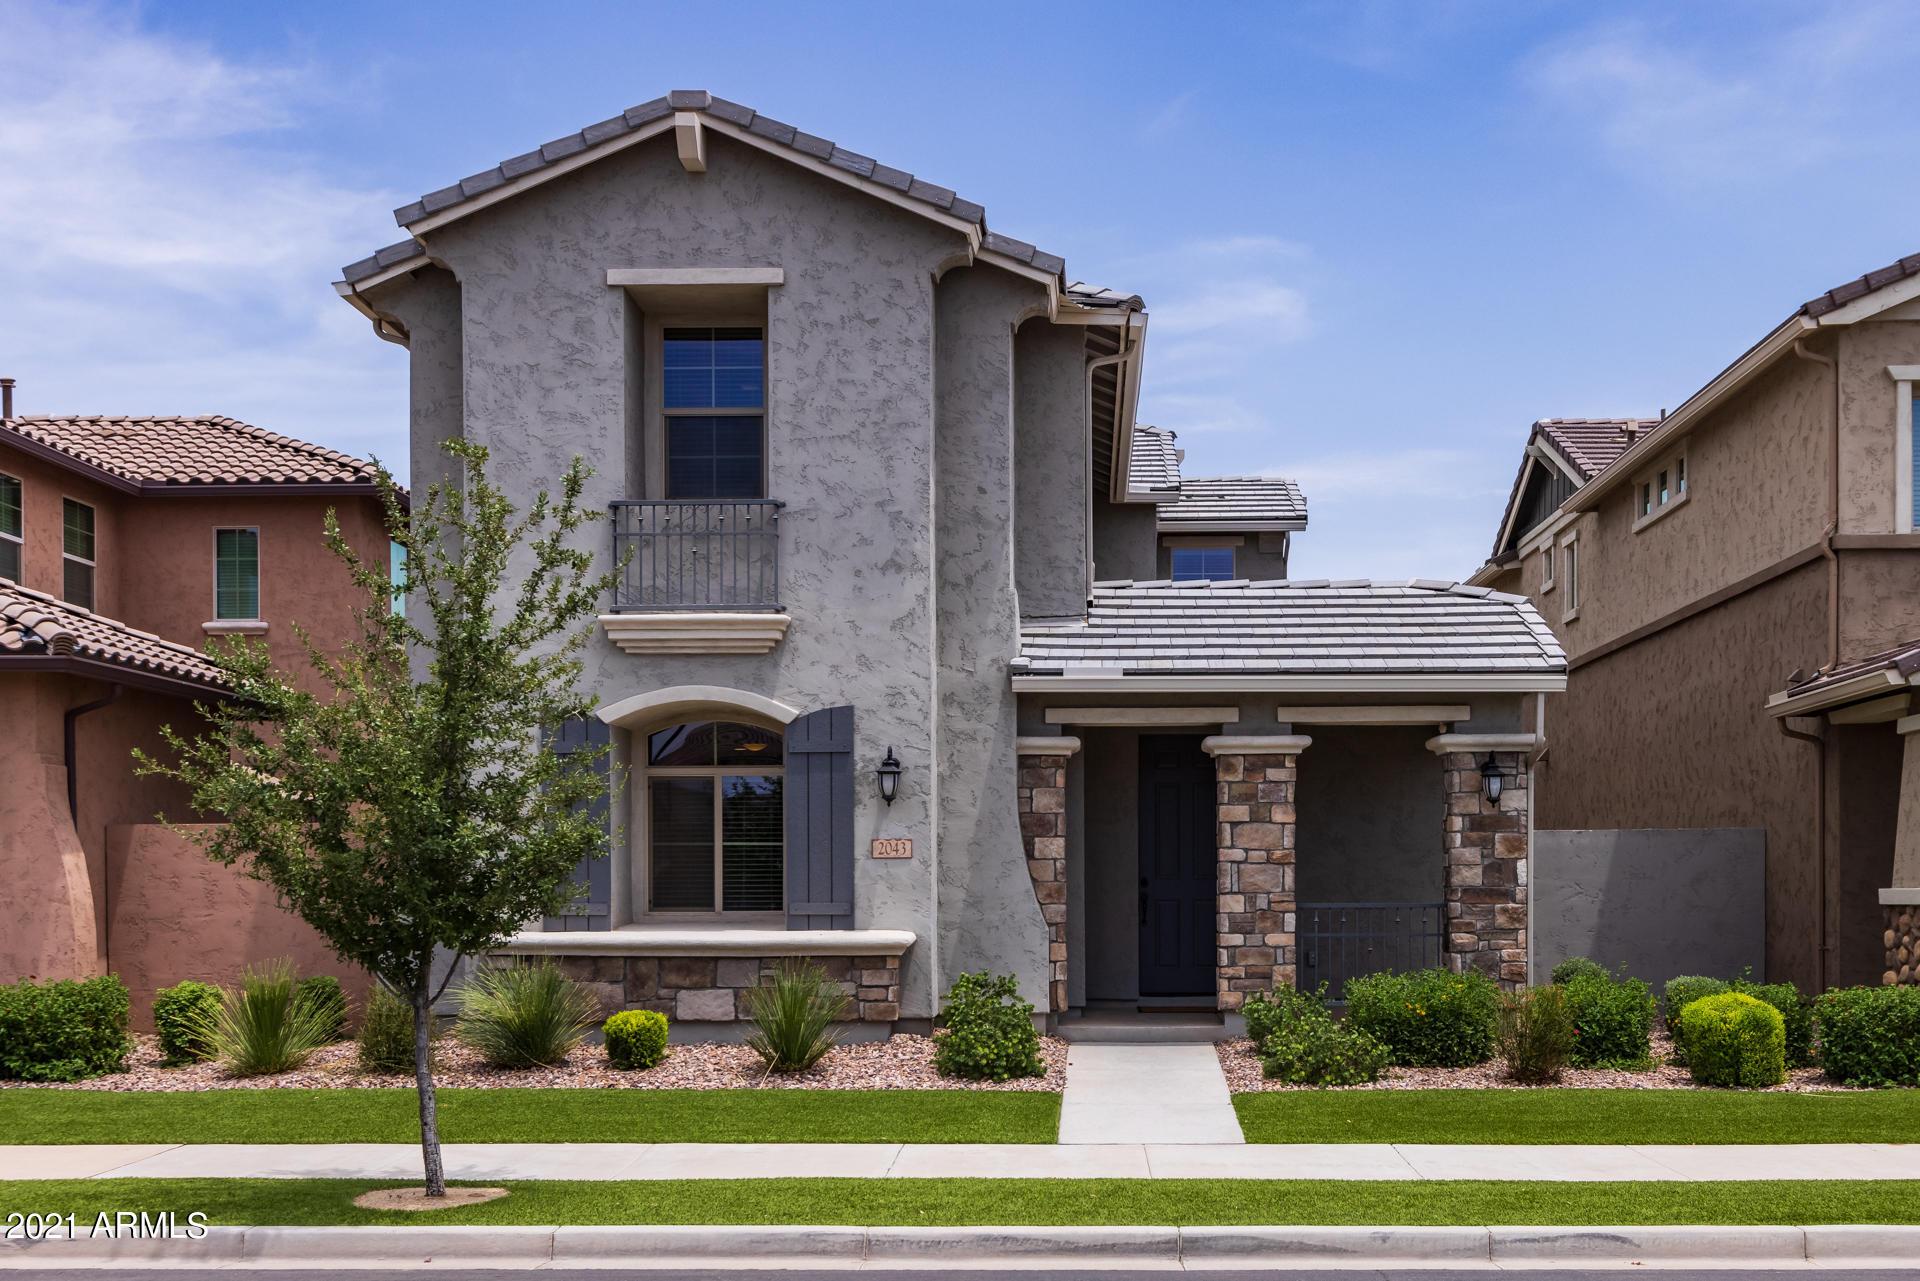 MLS 6269871 2043 S WALLRADE Lane, Gilbert, AZ 85295 Gilbert AZ Cooley Station